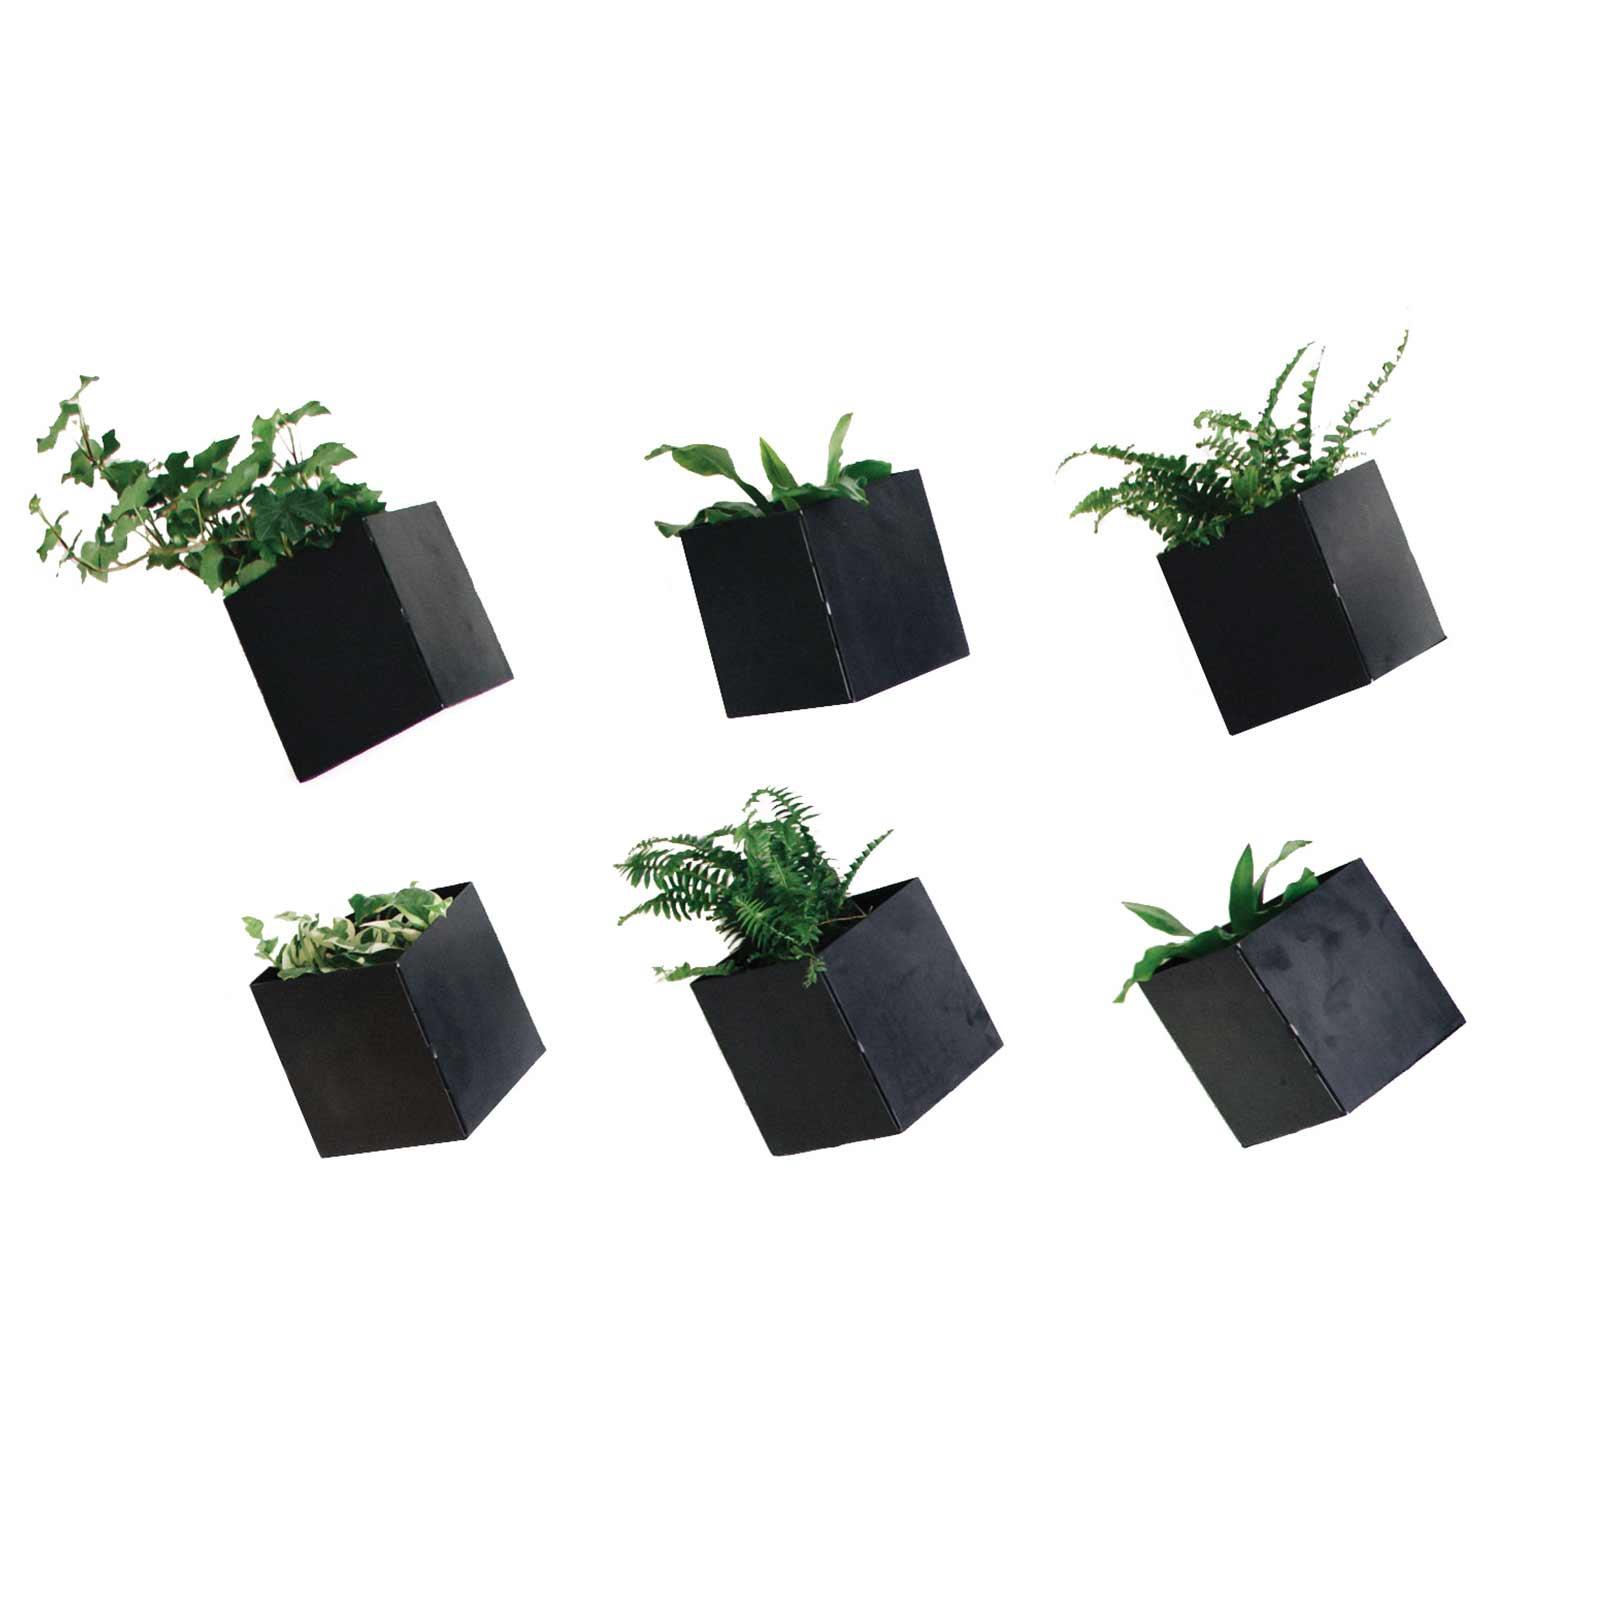 Ori Planters